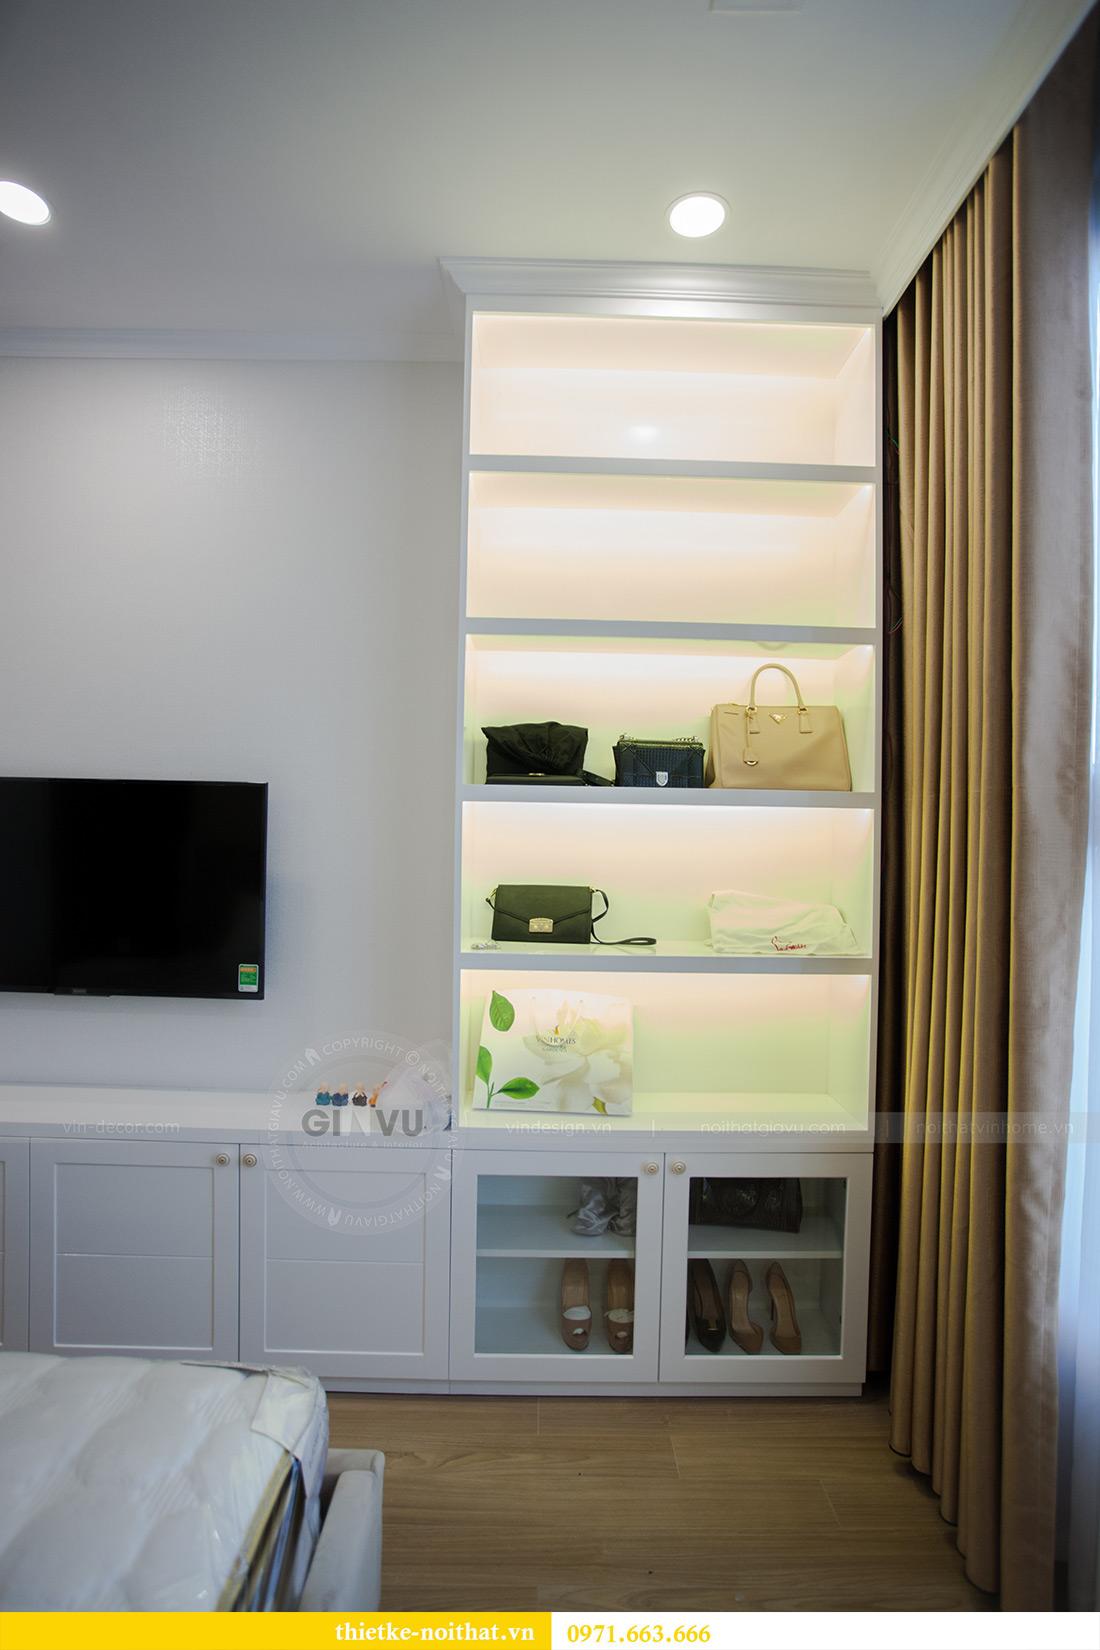 Thi công nội thất căn hộ chung cư Gardenia tòa A2-08 chị Thu Anh 10